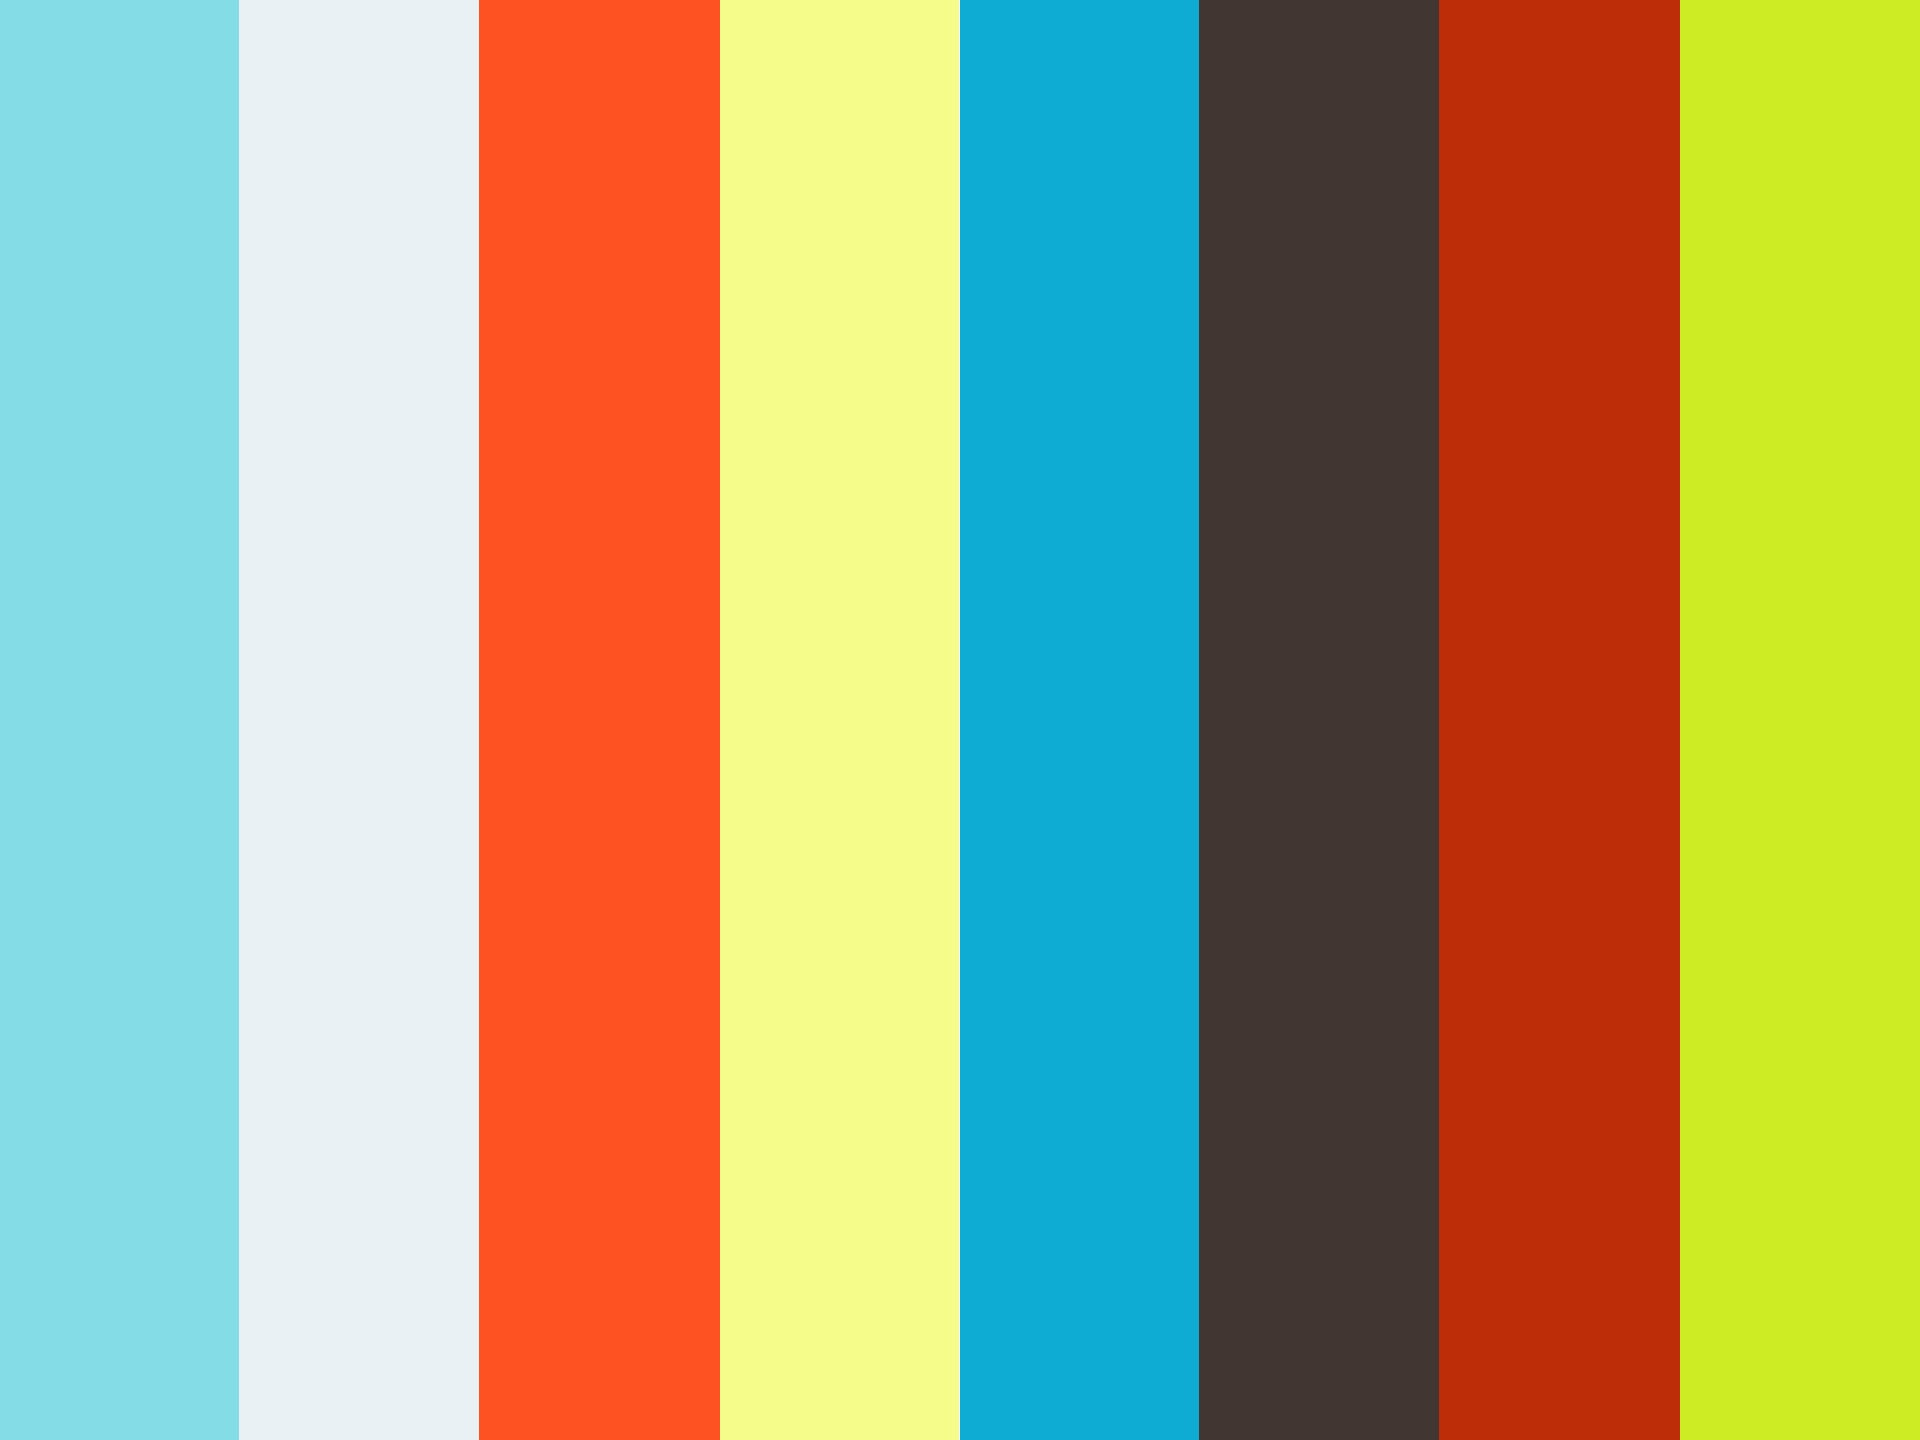 【8月4日生放送】DNA特別講演会 第10回記念大会:鈴木浩司先生インタビュー